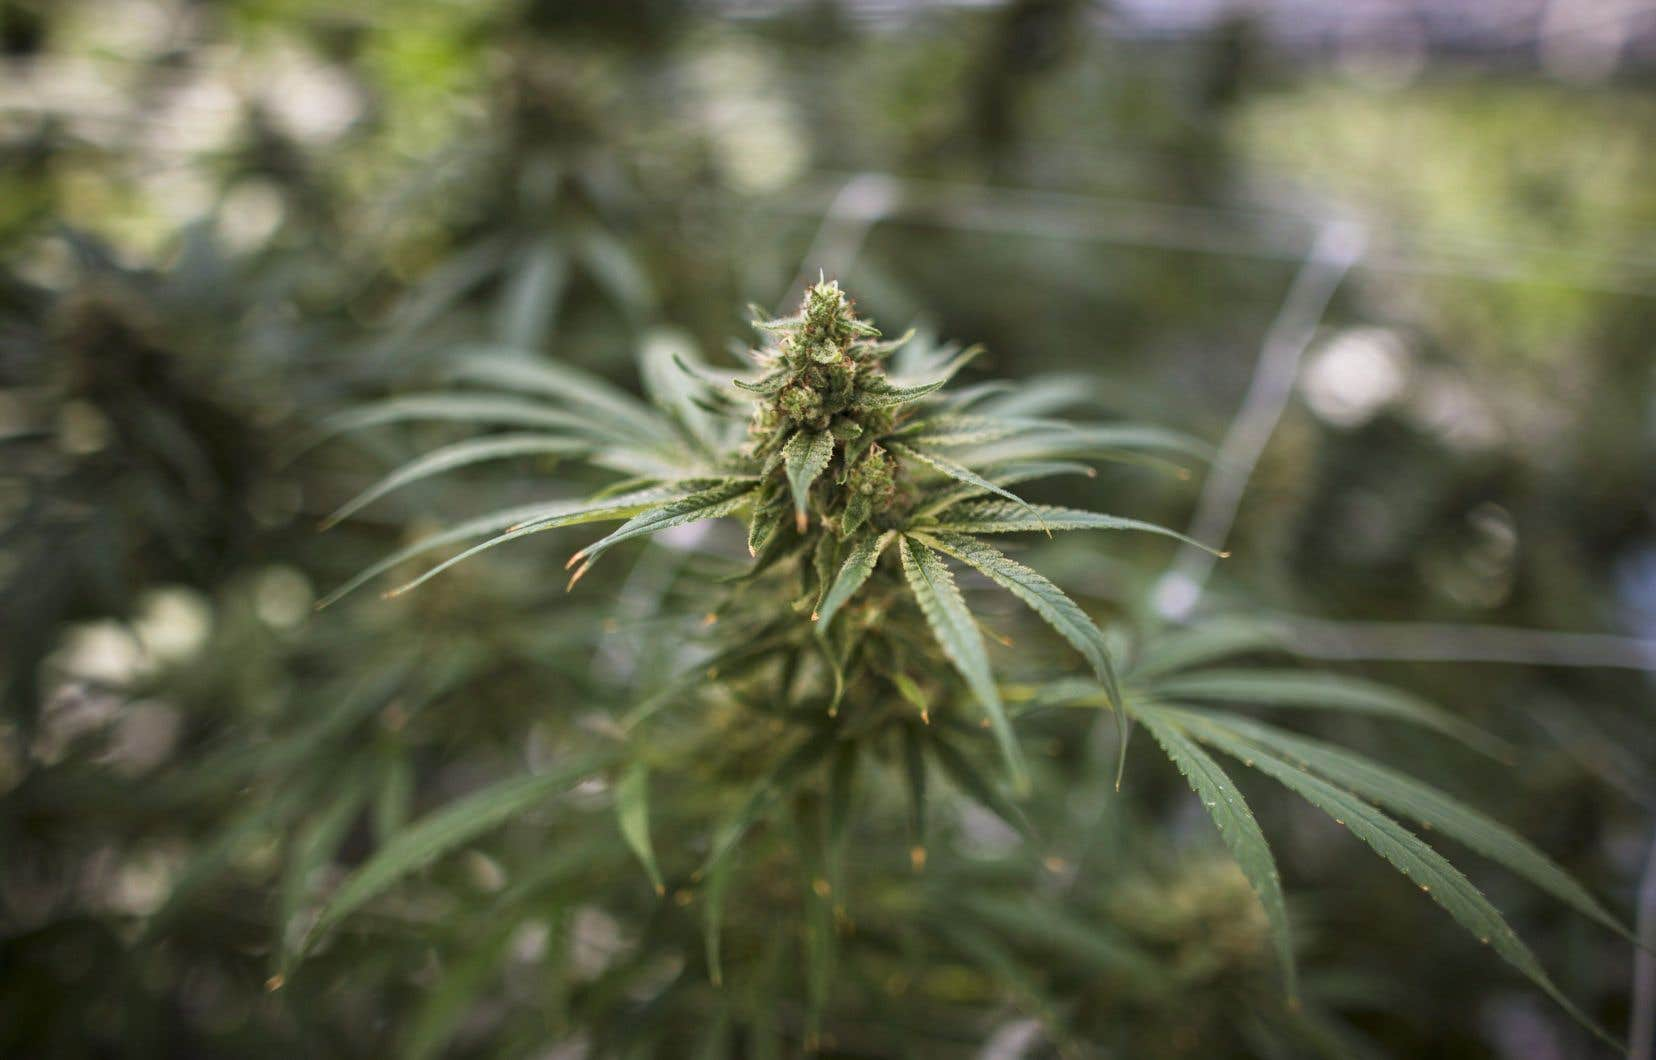 Israël a déjà donné son feu vert à l'exportation de cannabis médical, mais la production, la vente, l'achat et l'utilisation pour des usages récréatifs restent des infractions.